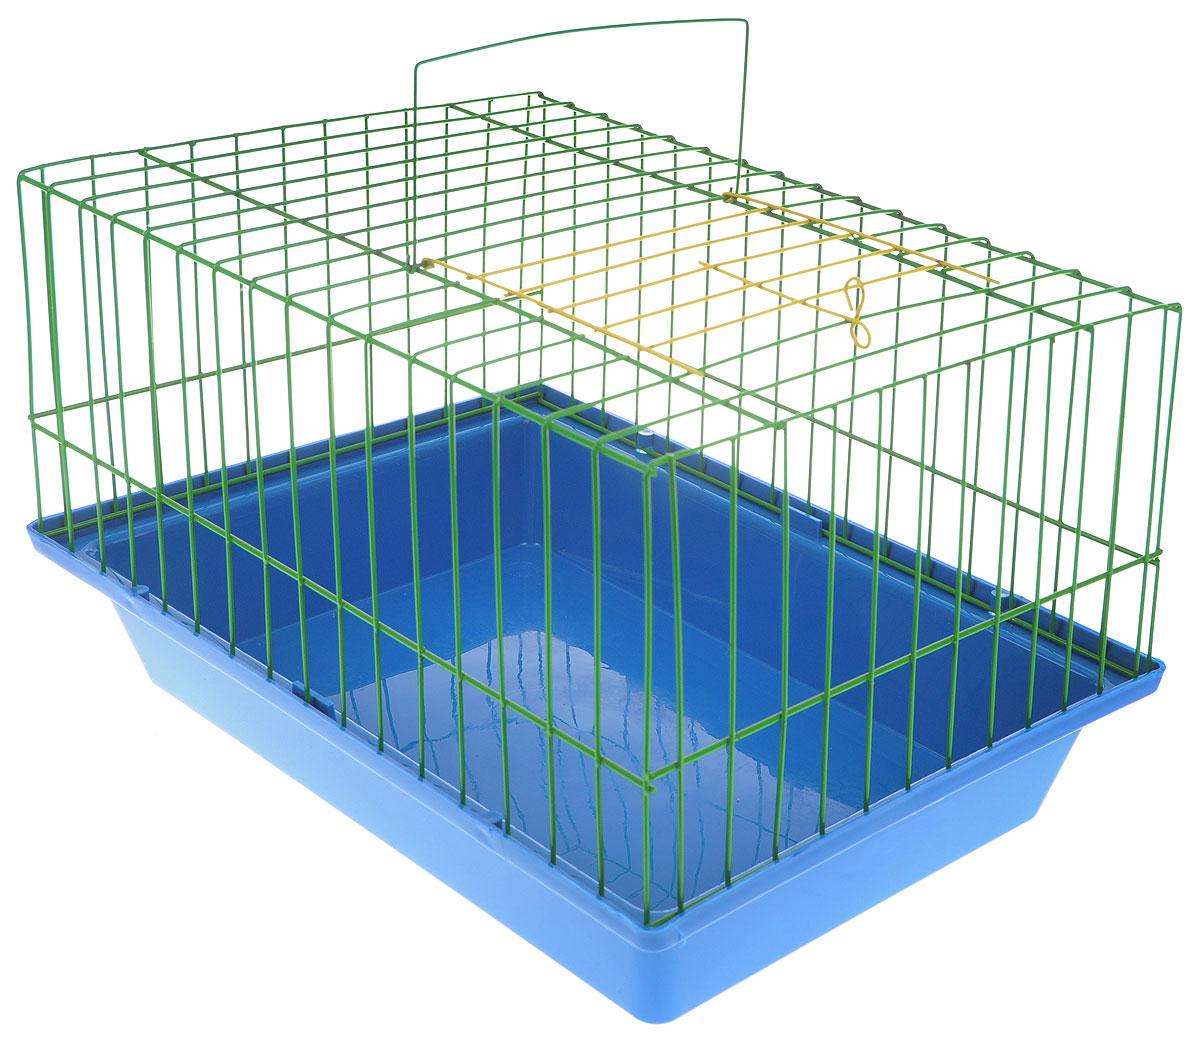 Клетка для морской свинки ЗооМарк, цвет: синий поддон, зеленая решетка, 41 х 30 х 25 см210_синий, зеленыйКлетка ЗооМарк, выполненная из полипропилена и металла, подходит для морских свинок и других грызунов. Клетка имеет яркий поддон, удобна в использовании и легко чистится. Сверху имеется ручка для переноски. Такая клетка станет личным пространством и уютным домиком для вашего питомца.